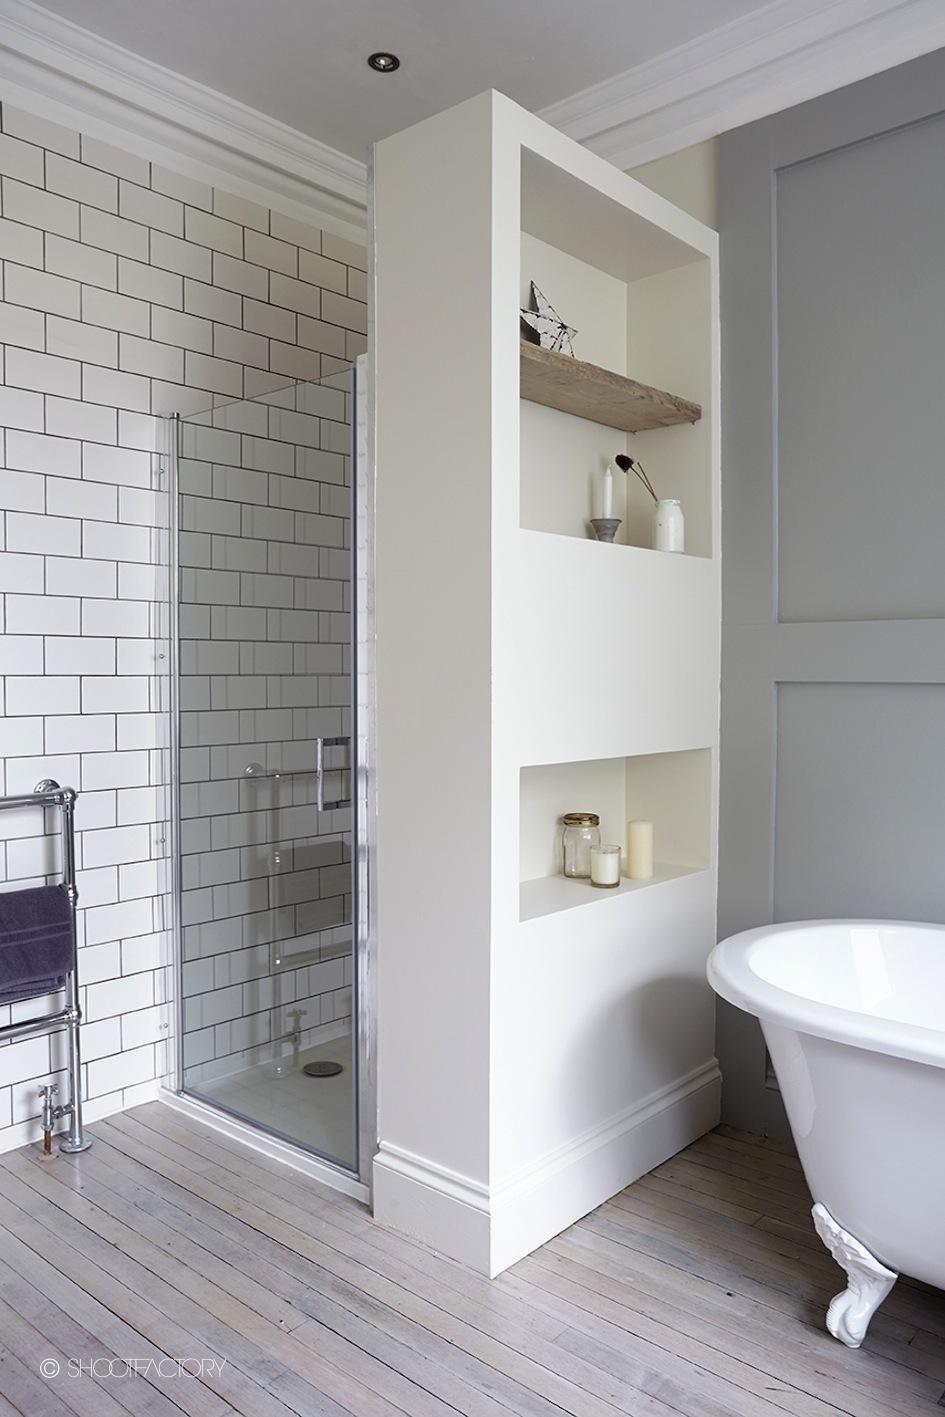 Trennwand Badezimmer Klein Bad Inspiration Badezimmer Dekor